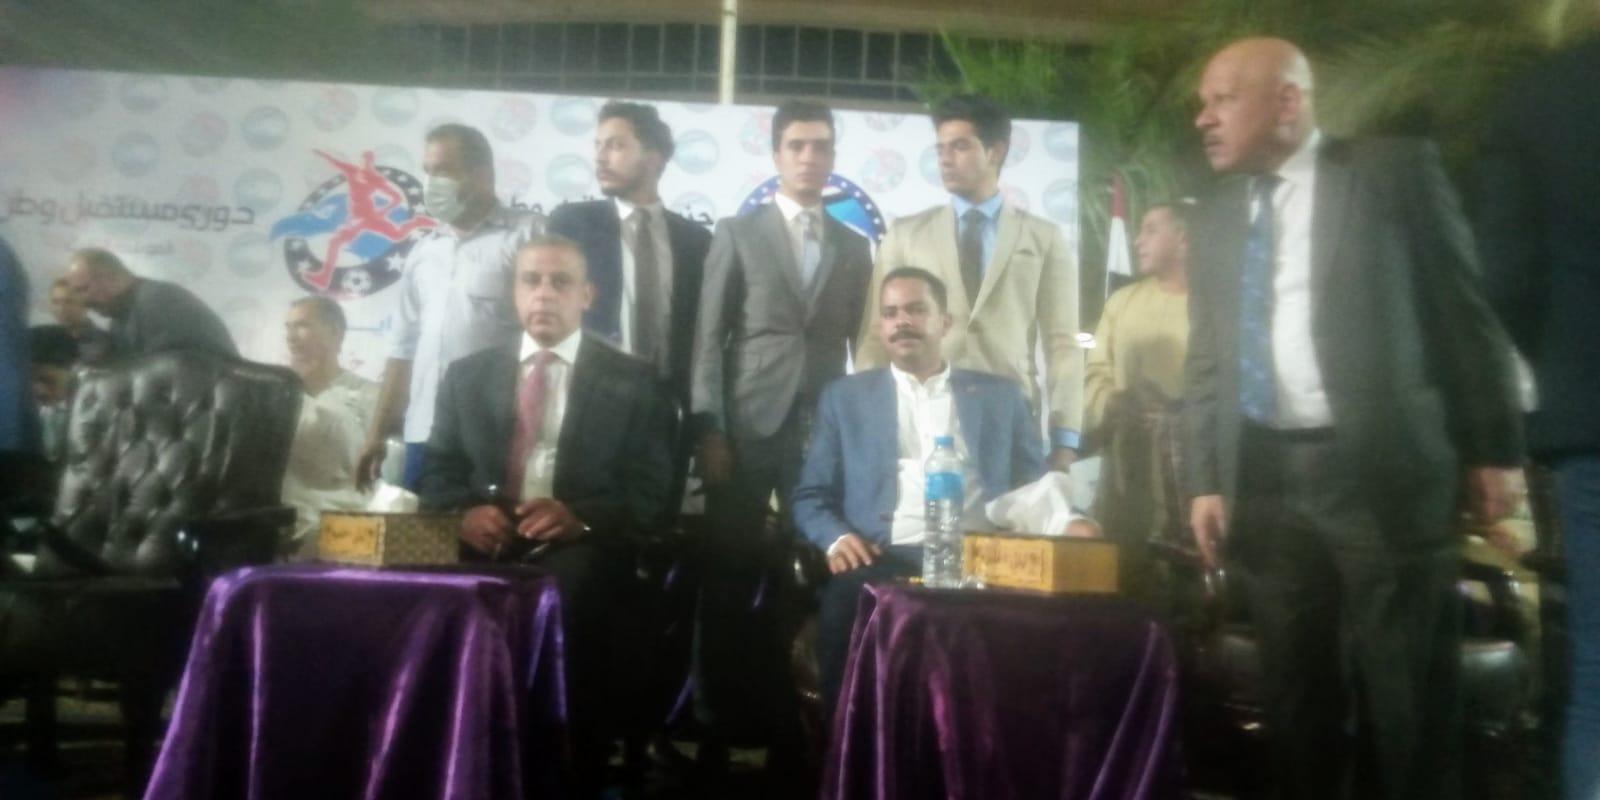 نهائي حزب مستقبل وطن بسوهاج  وفوز فريق الطواحين